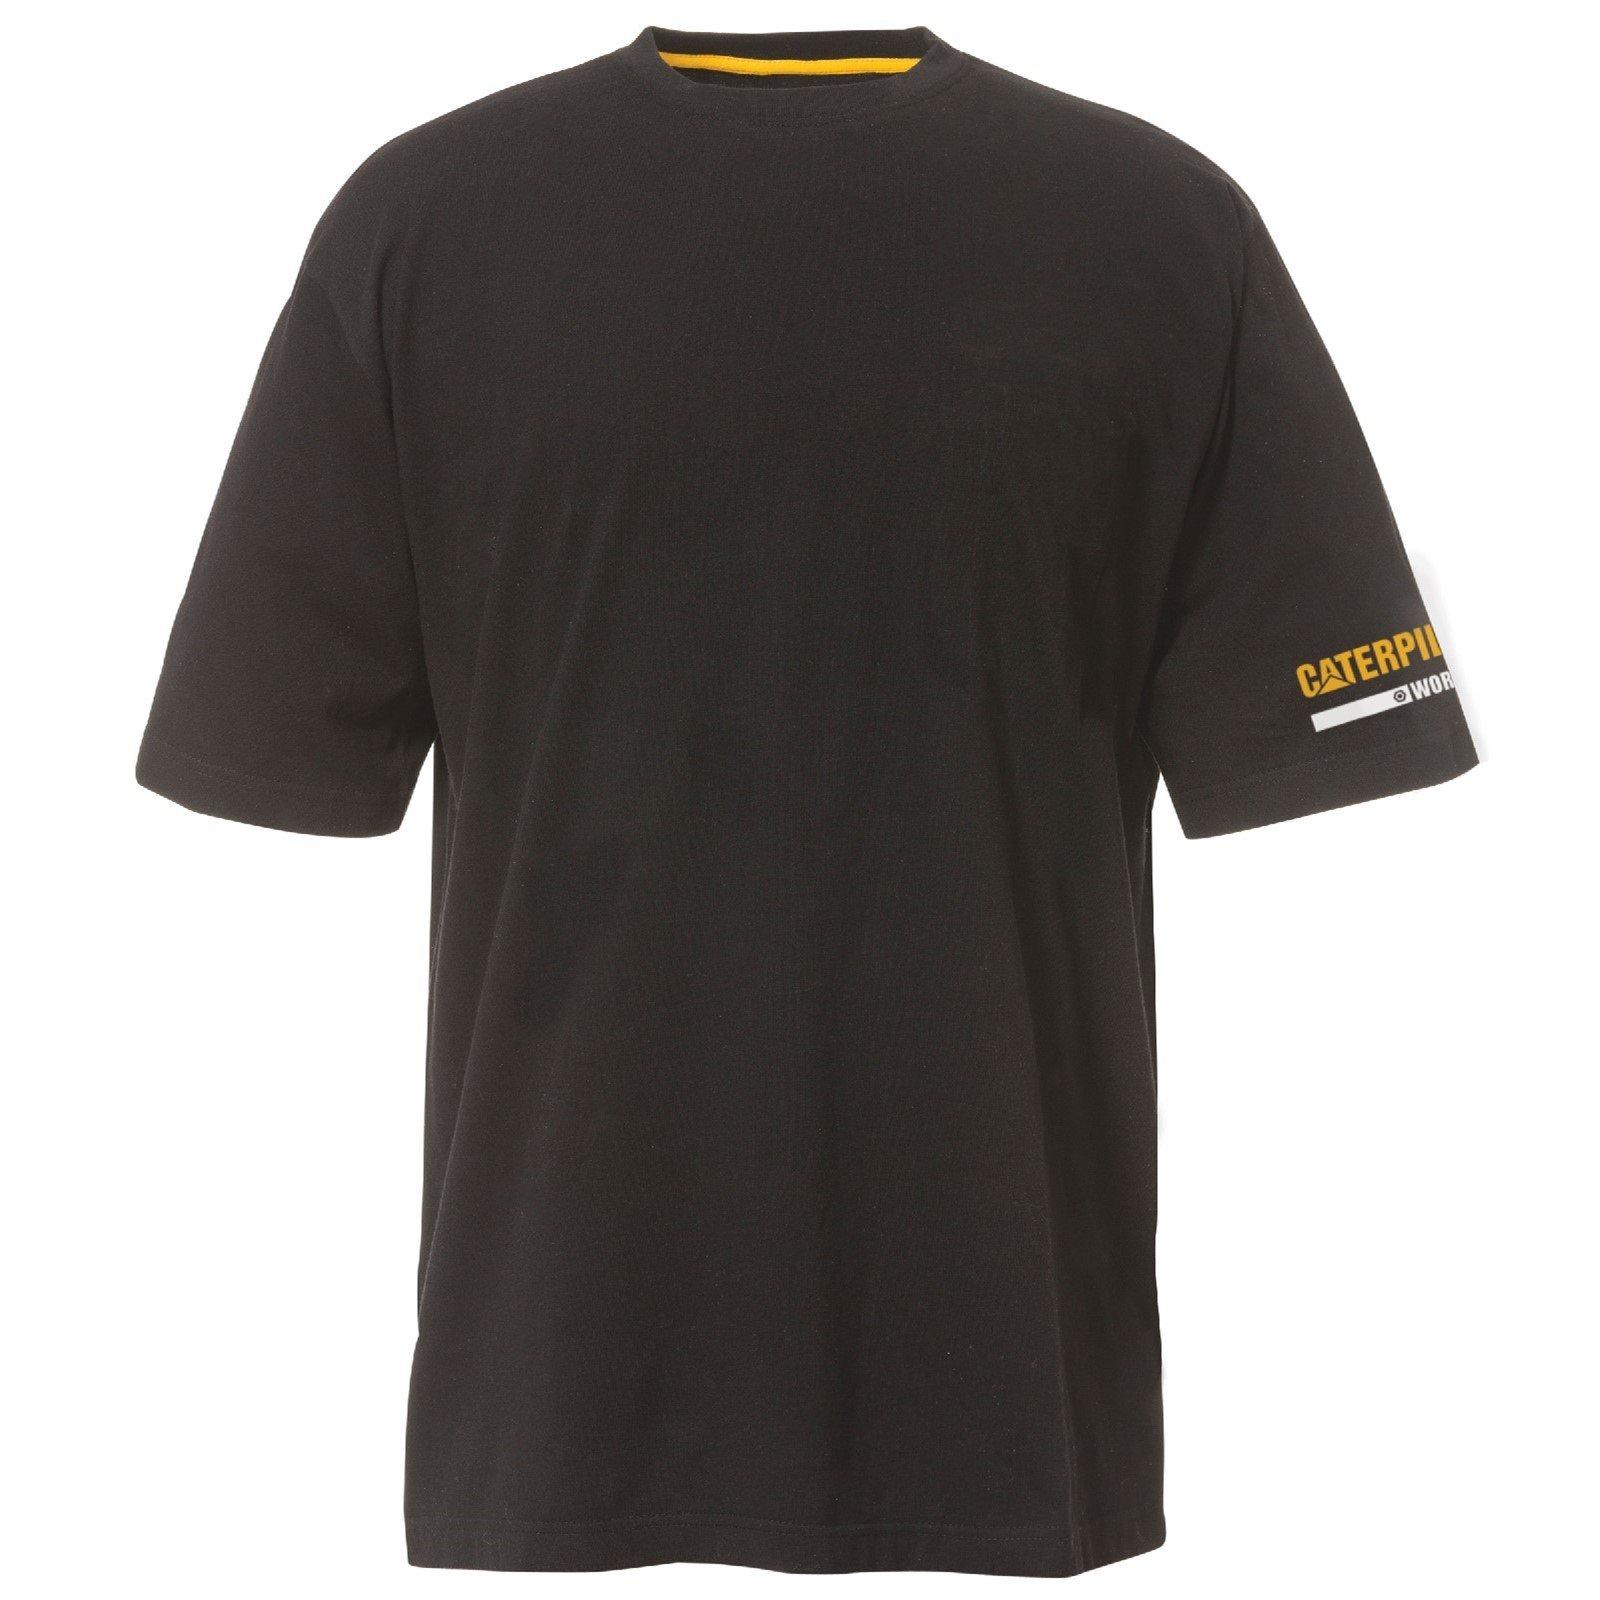 Caterpillar Men's Essentials SS T-Shirt Various Colours 28885-48760 - Black X